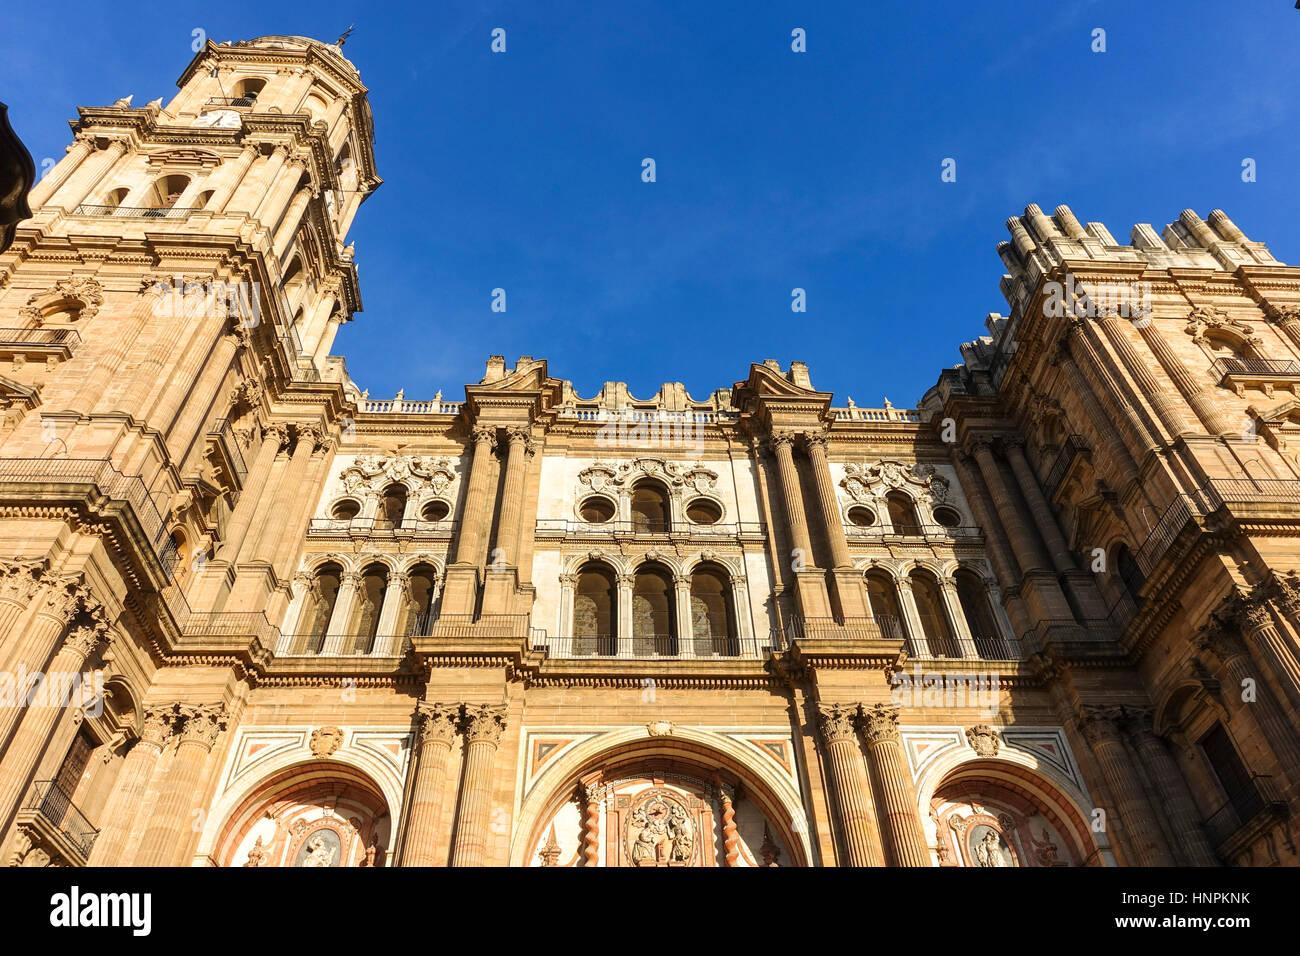 La Cathédrale de l'Incarnation (Catedral de la Encarnation), Malaga, Andalousie, espagne. Banque D'Images